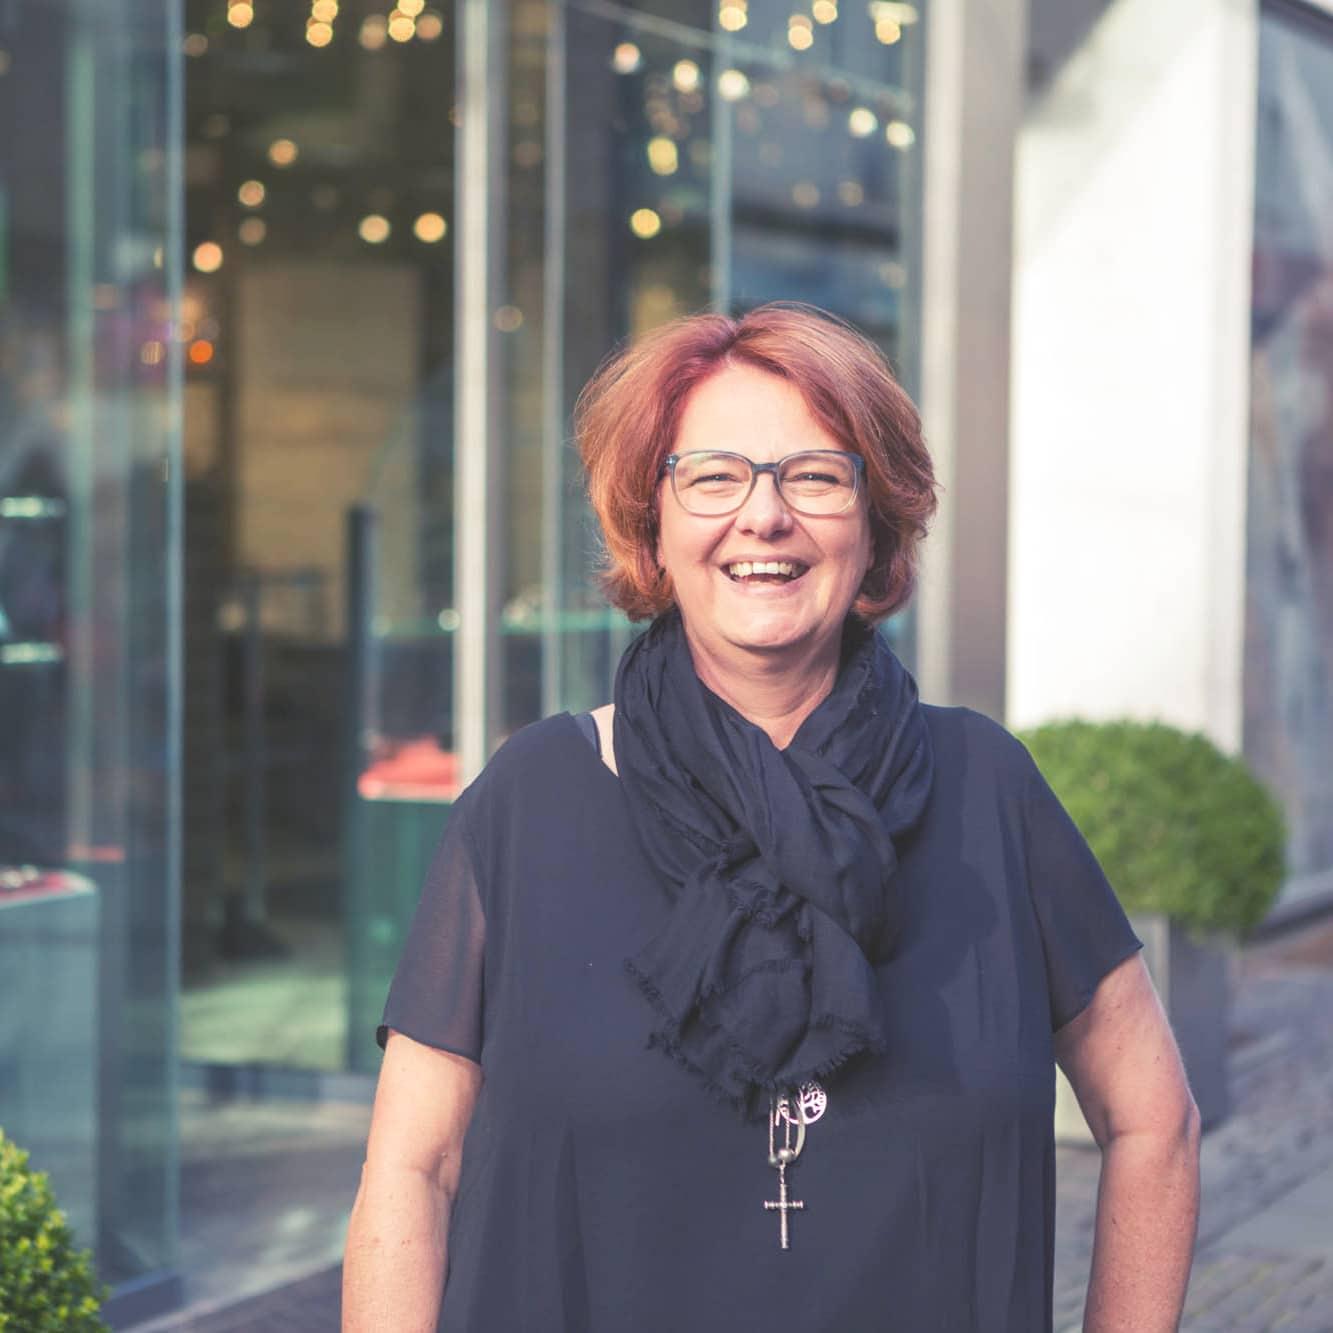 Claudia Thierbach